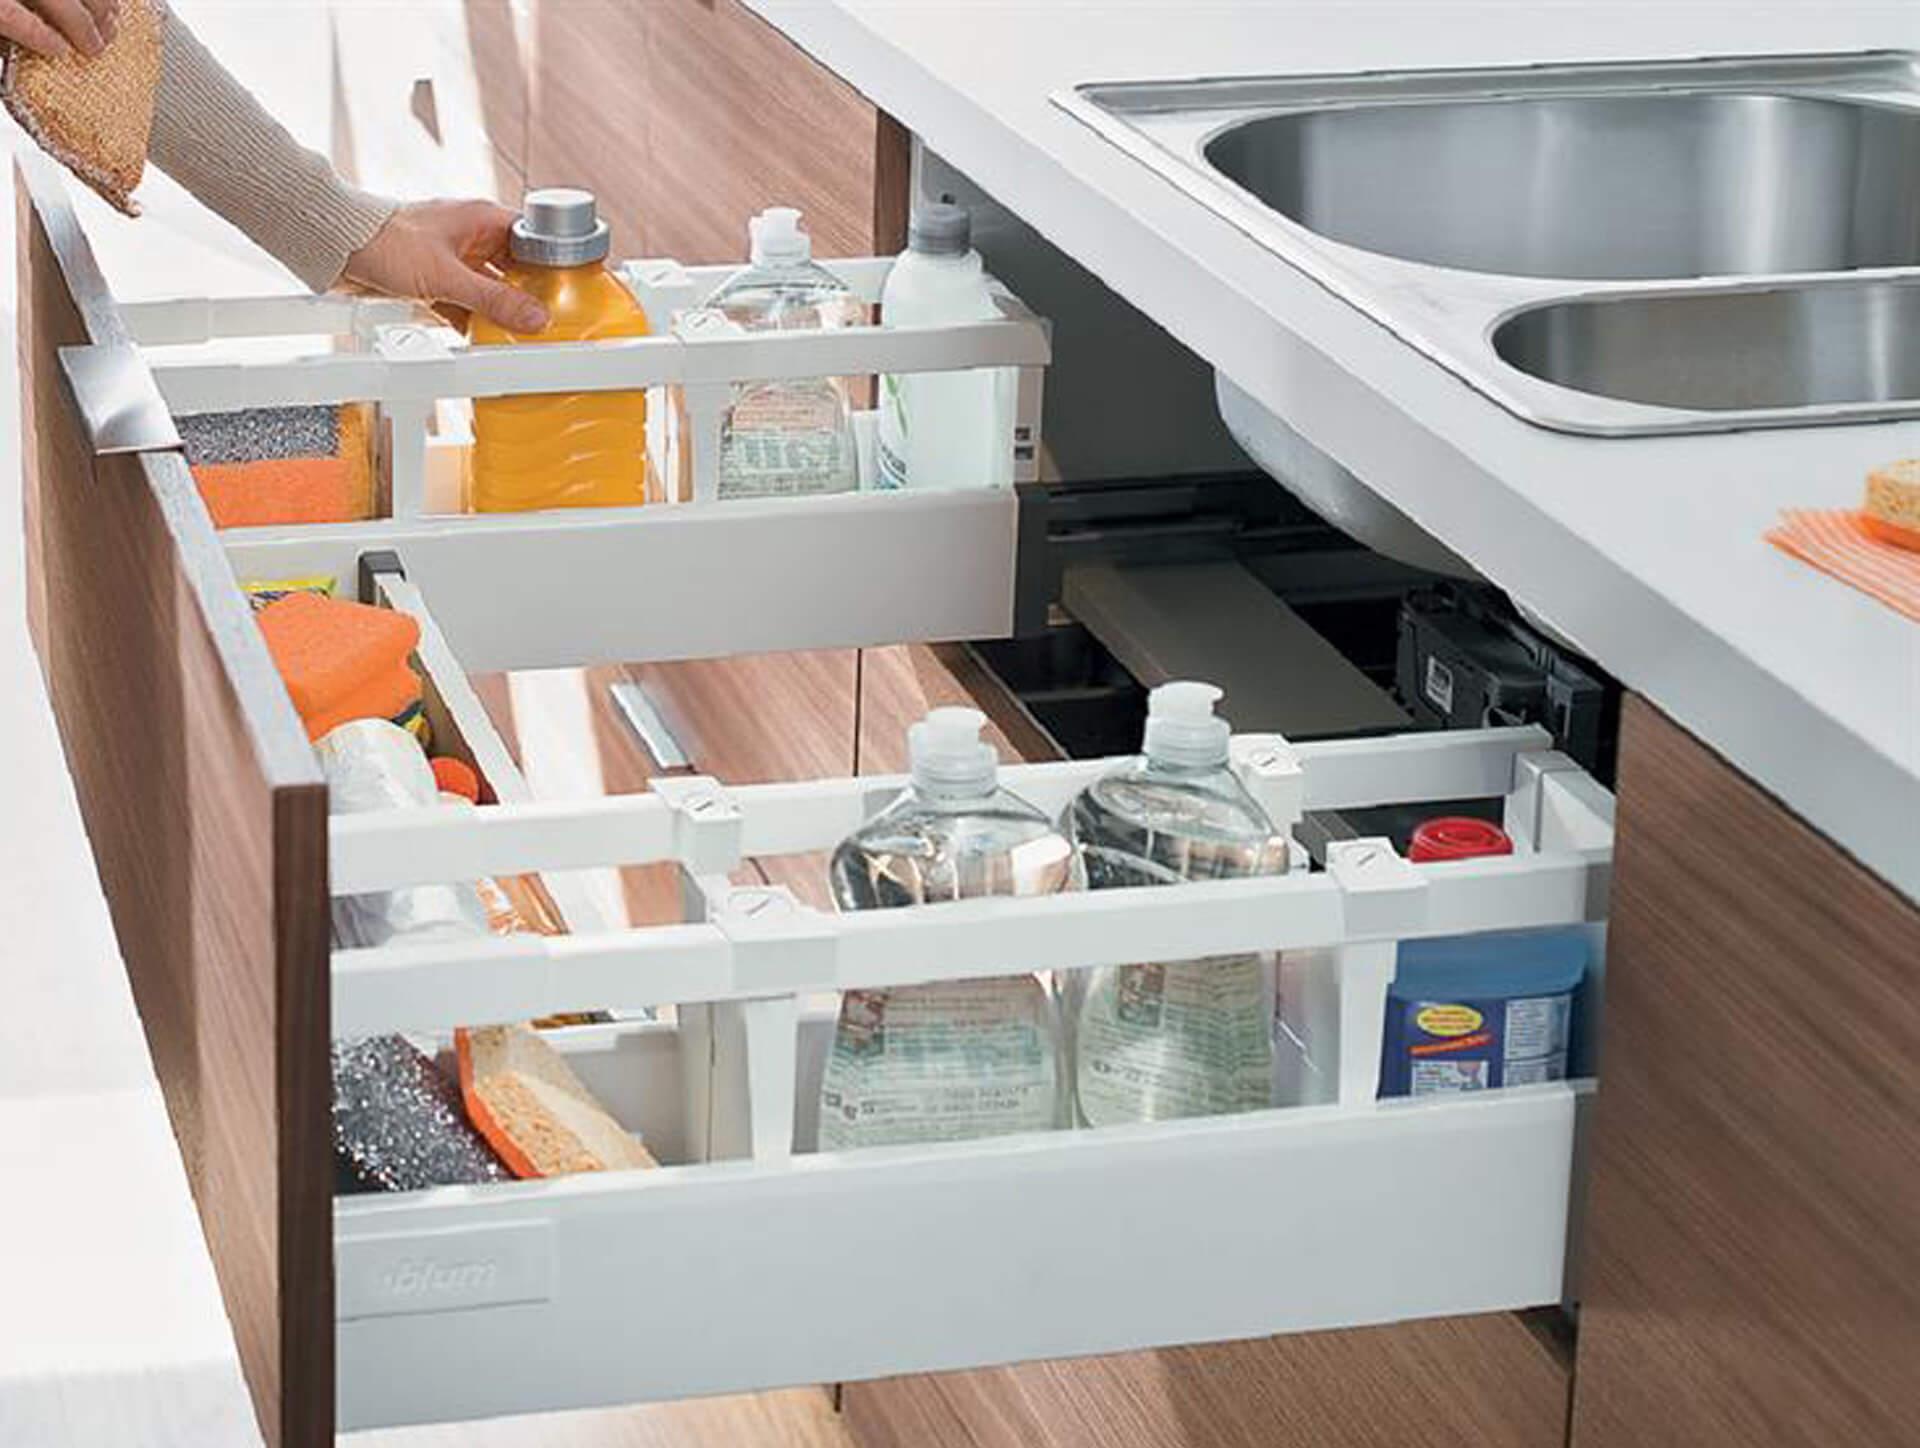 8 món nội thất giúp không gian nhà bếp nhỏ đẹp hoàn hảo - Ảnh 6.